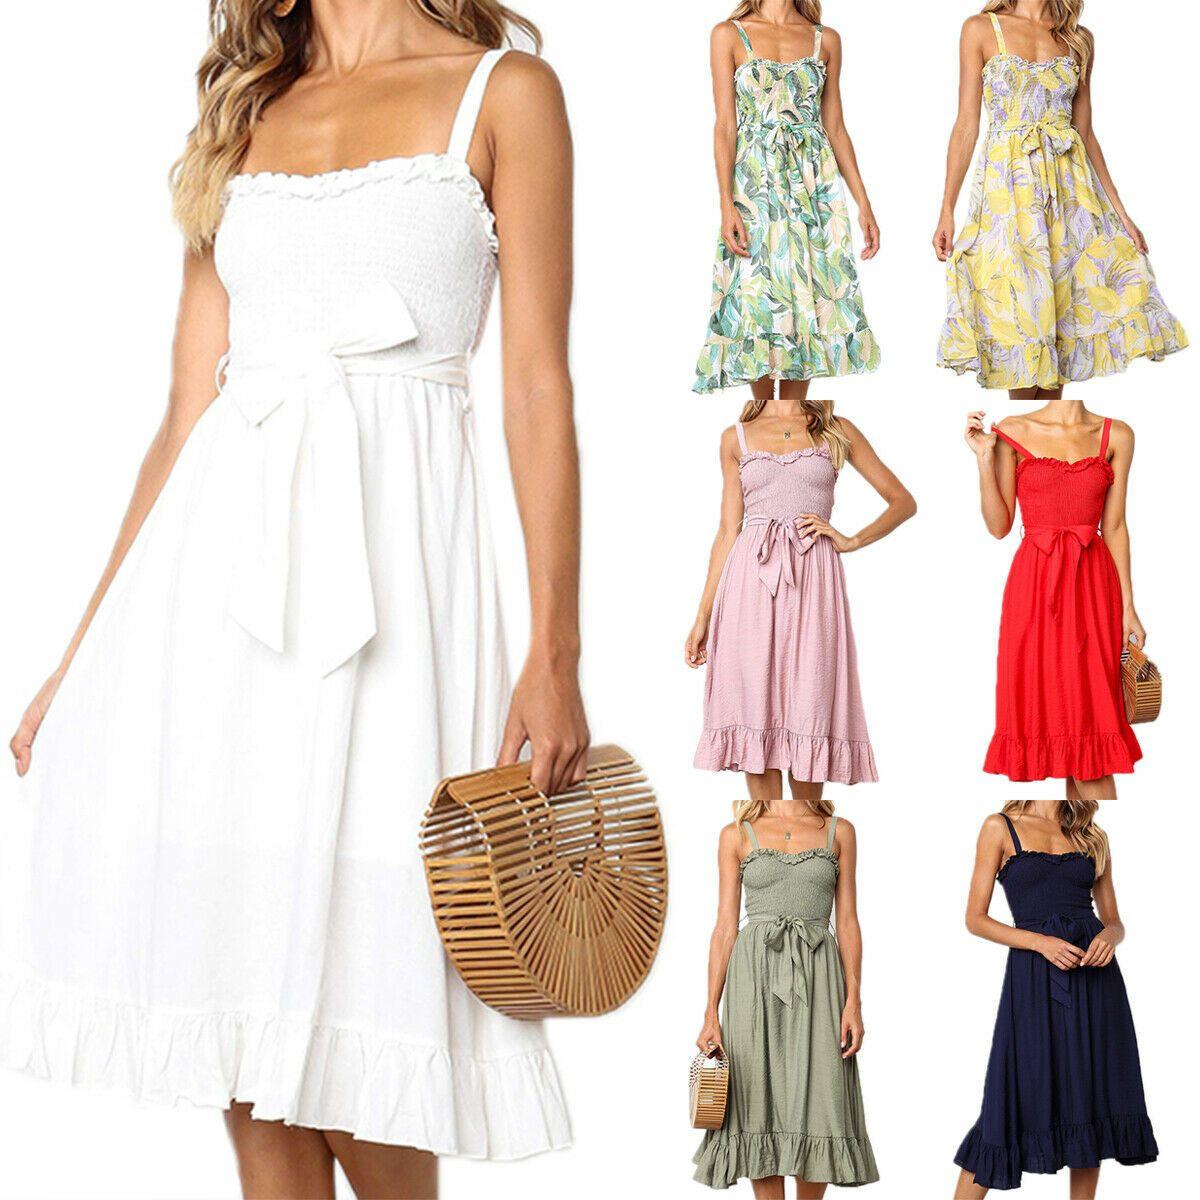 20 Perfekt Sommerkleid Weiß für 2019 Spektakulär Sommerkleid Weiß Stylish